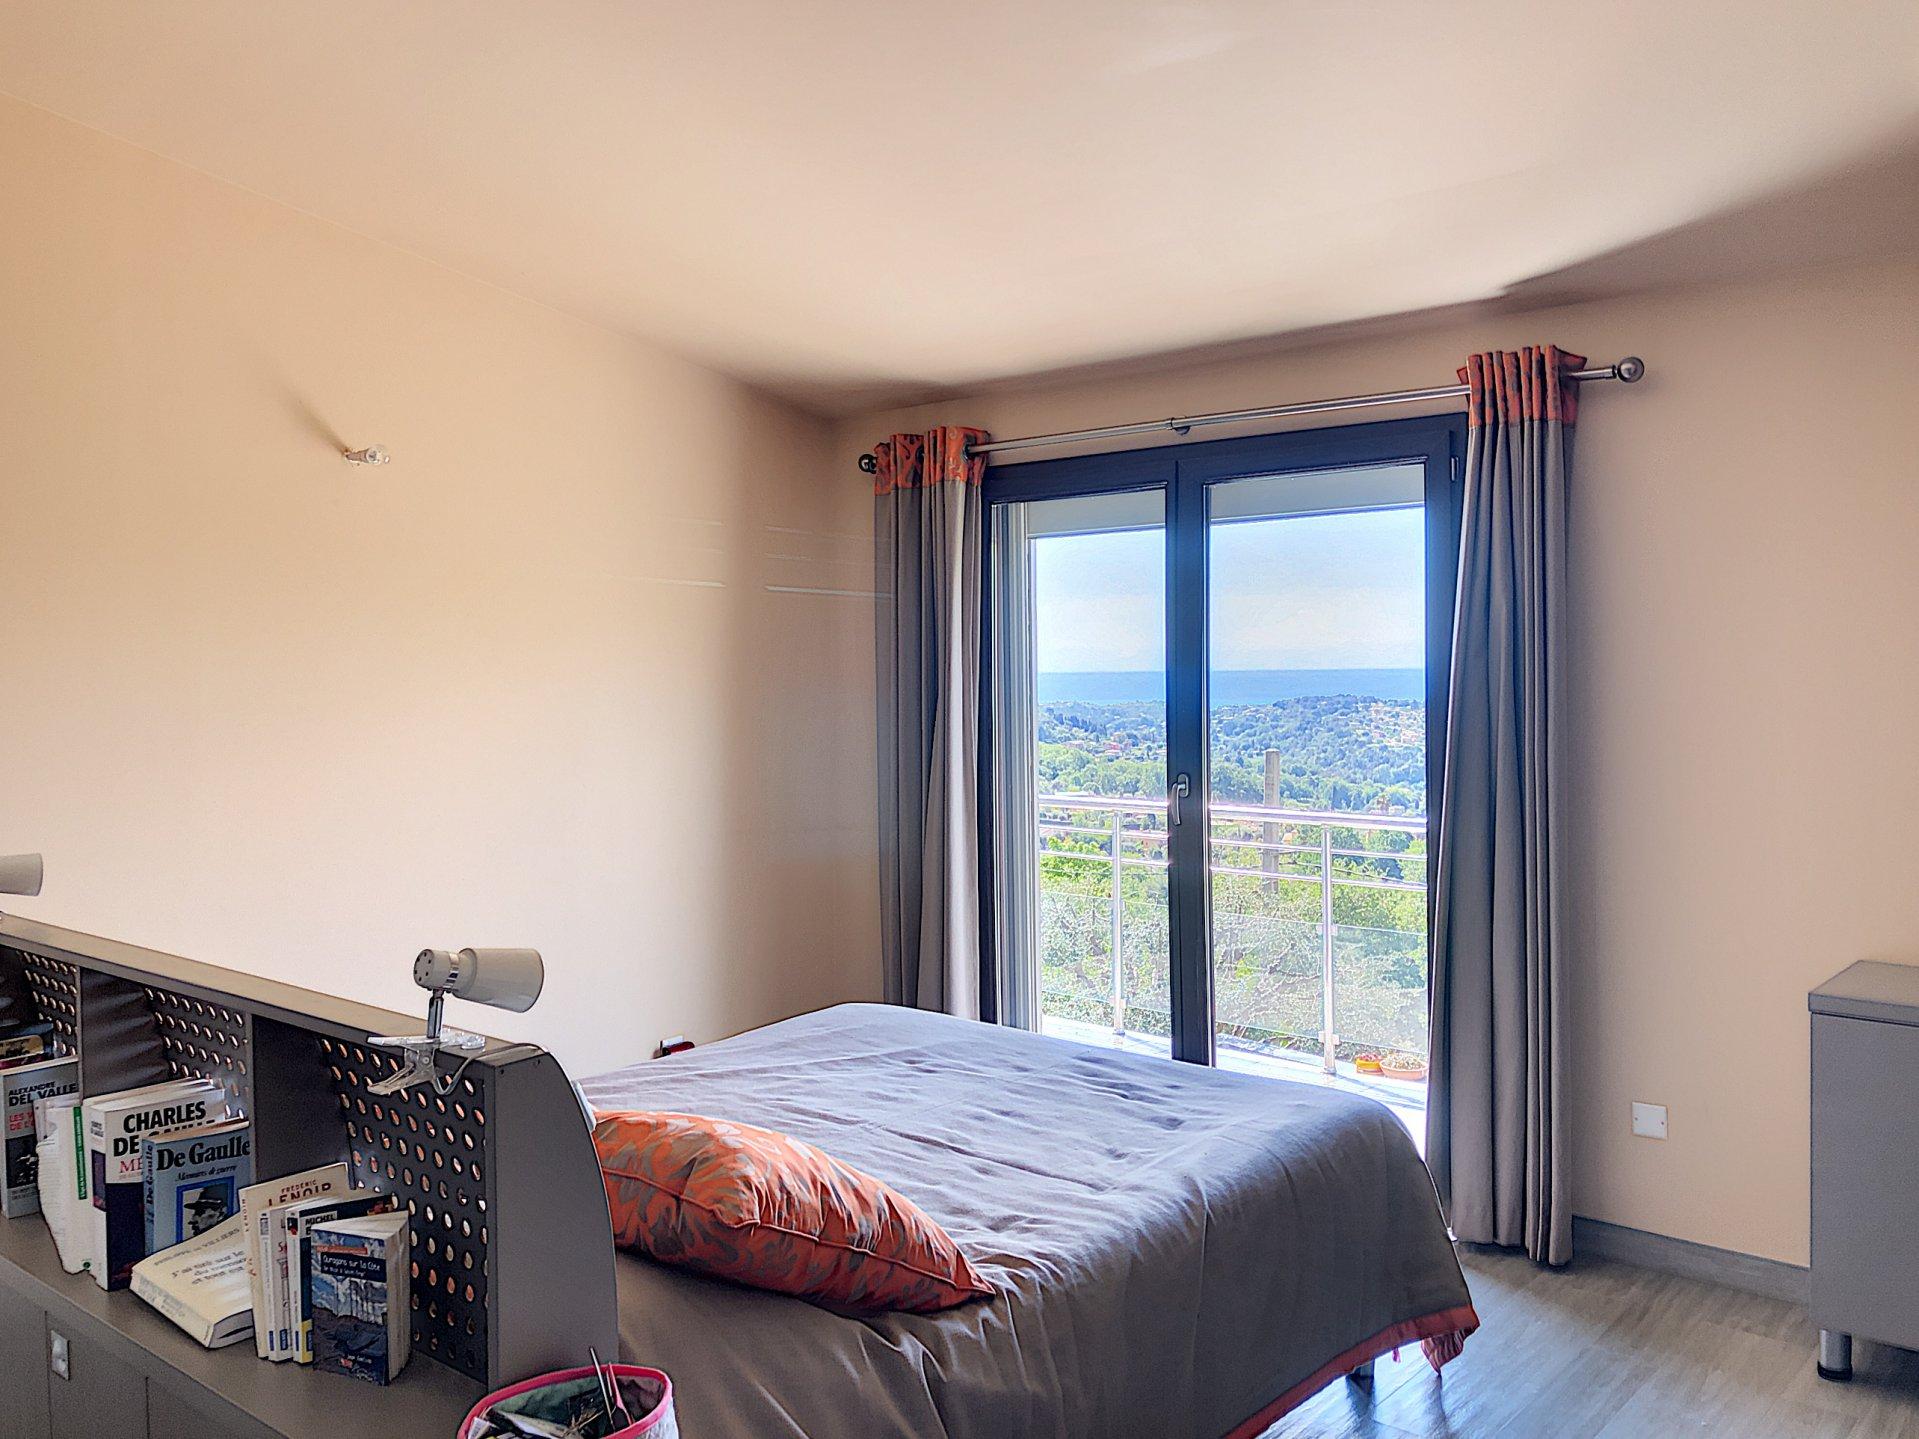 Vence - Villa d'architecte - 5 pièces - 250m2 - Piscine